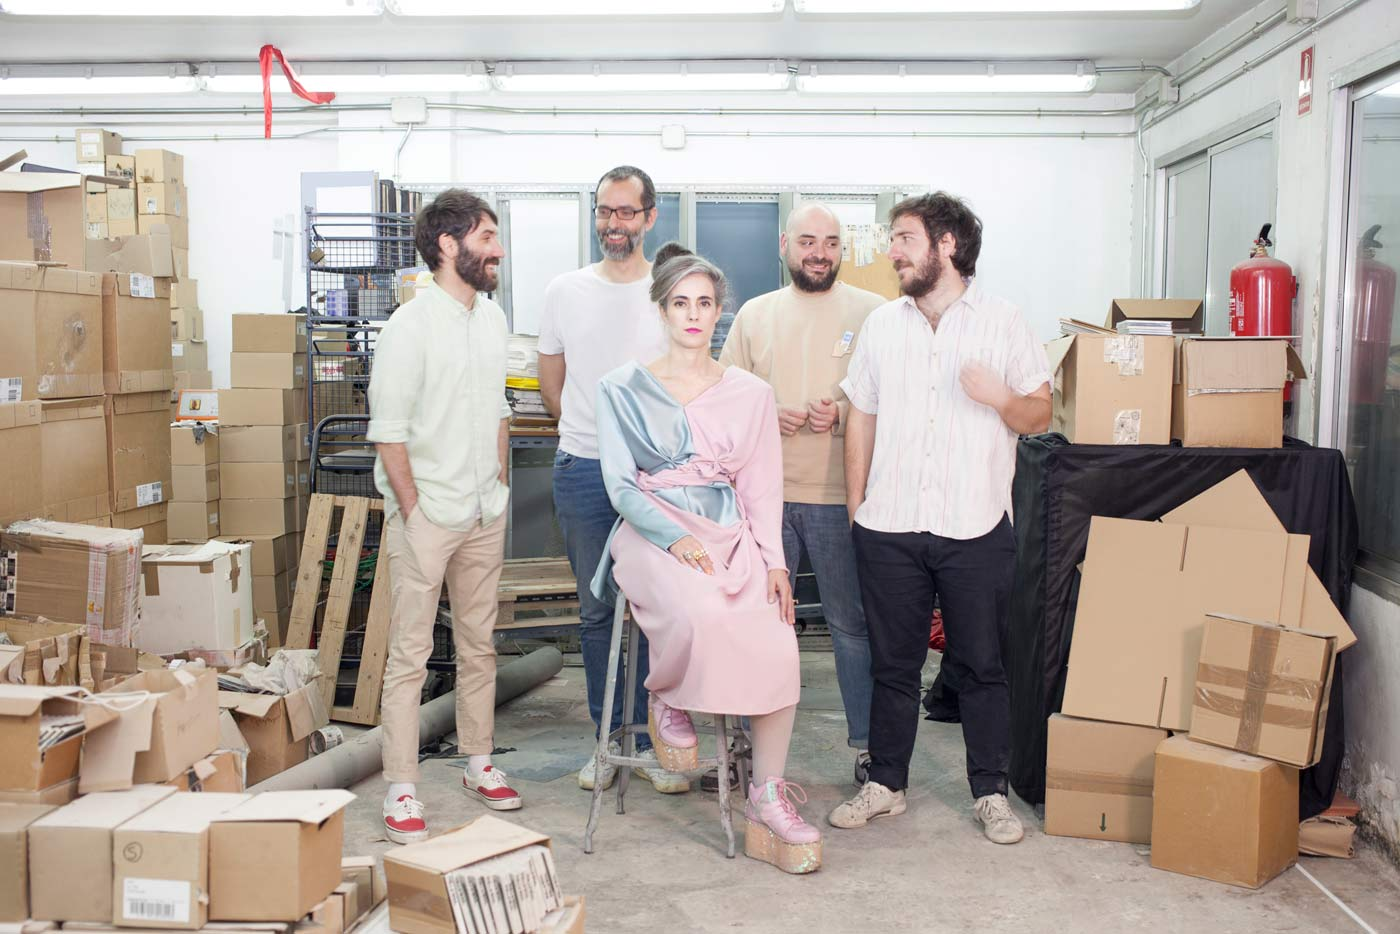 Los Punsetes lanzarán su nuevo disco el 4 de octubre